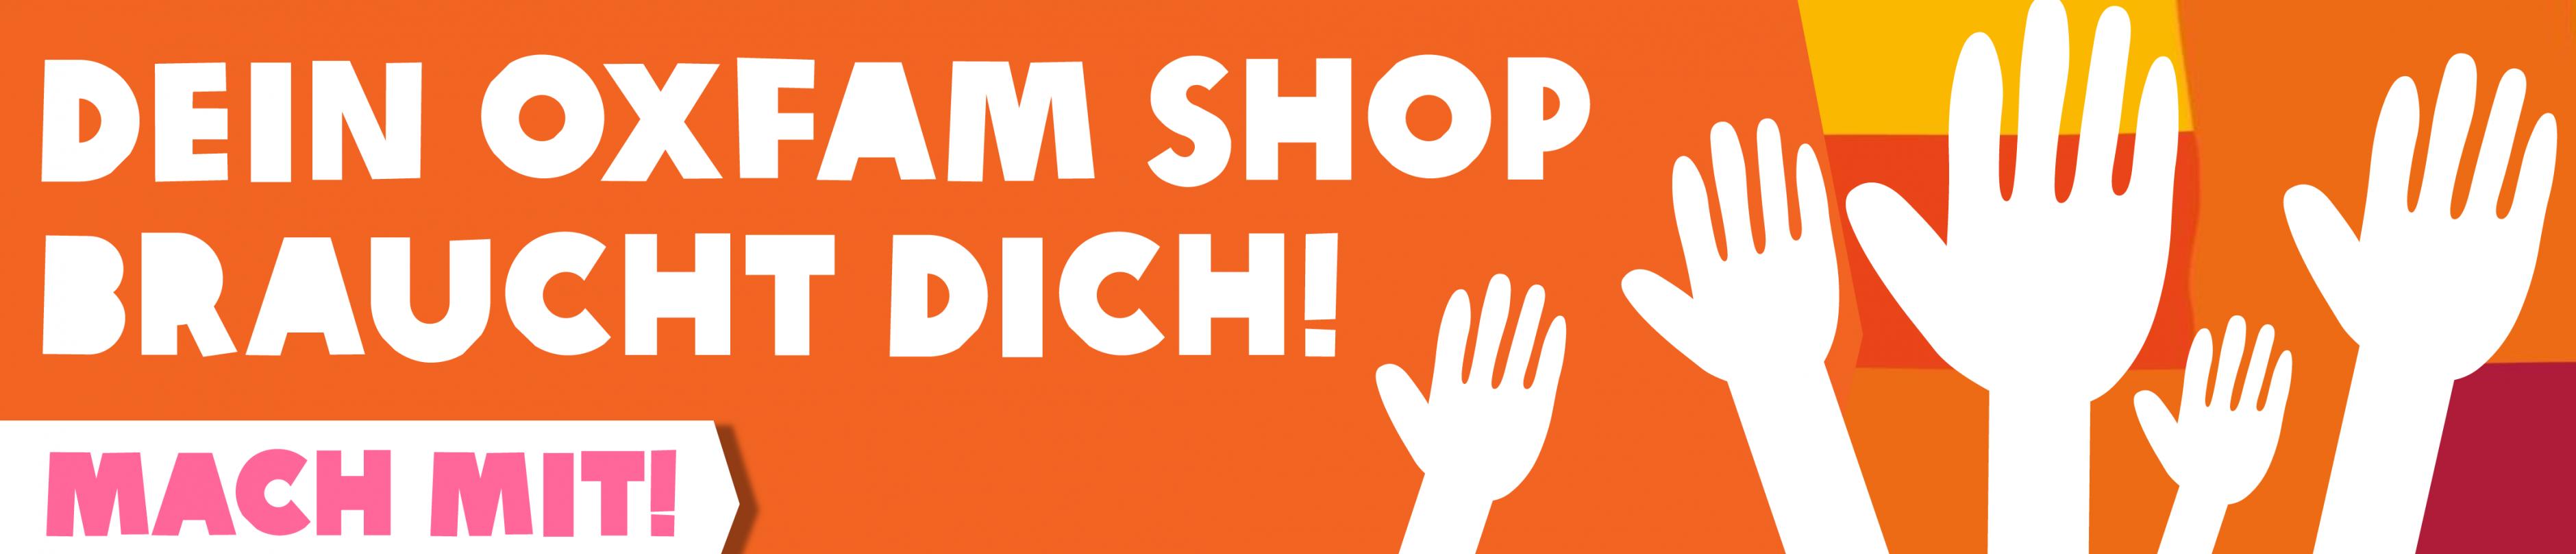 Dein Oxfam Shop braucht dich! mehr Infos